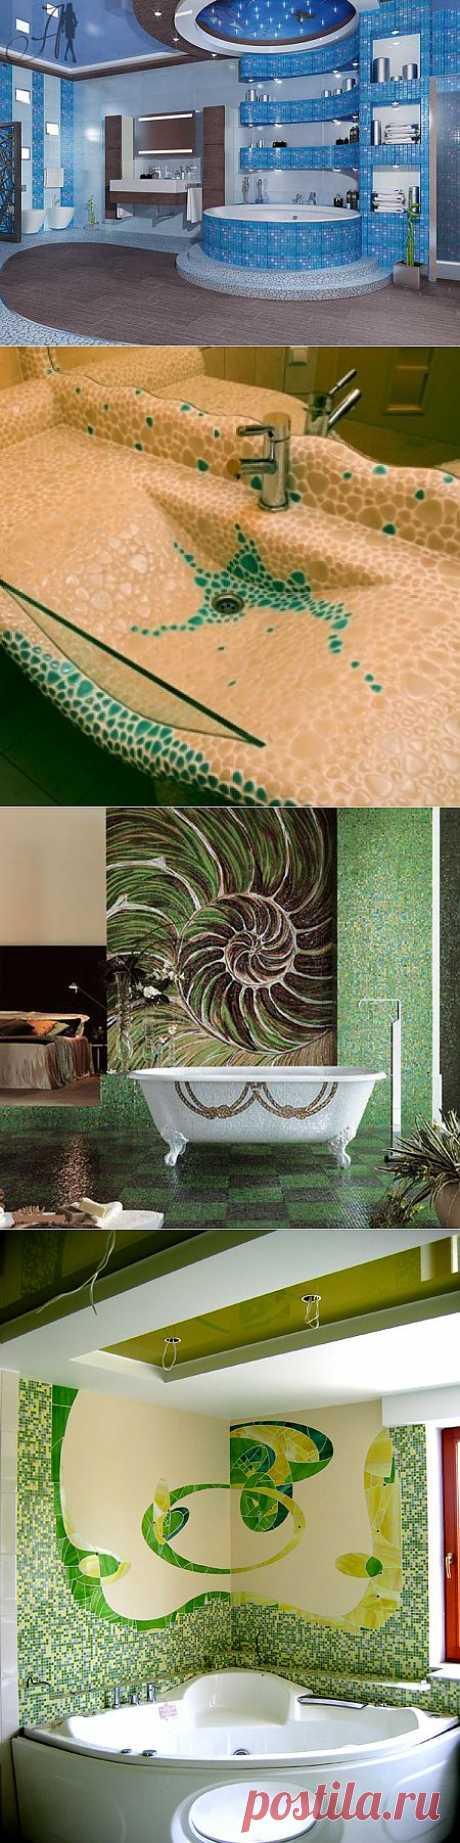 (+1) комм - Преобразите ванную комнату: использование мозаики | Интерьер и Дизайн